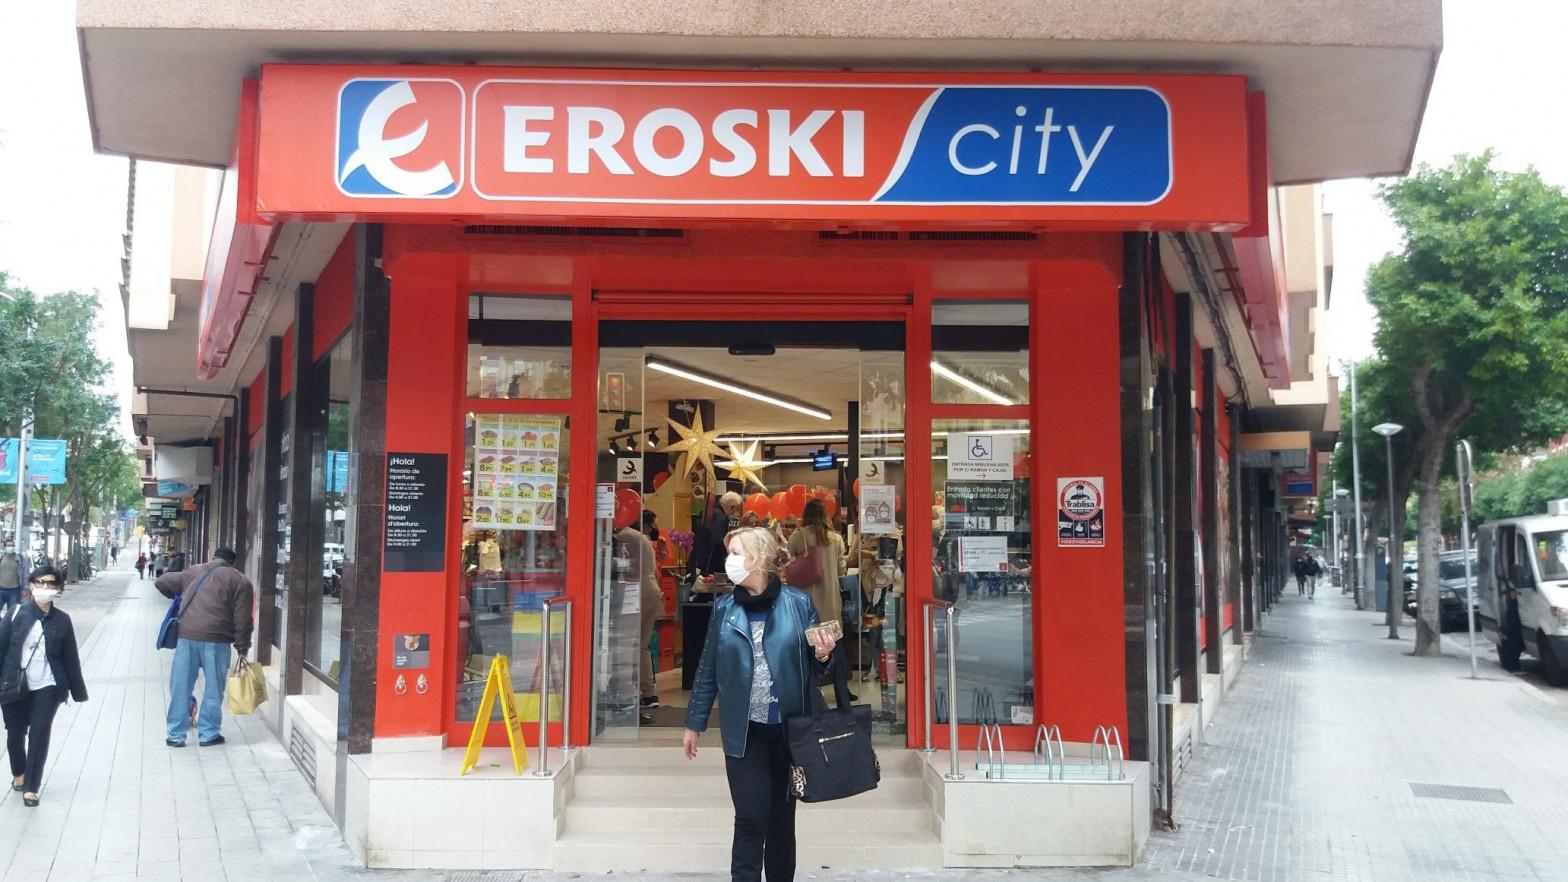 Eroski espera reducir su deuda por debajo de los 1.000 millones tras la entrada del magnate checo